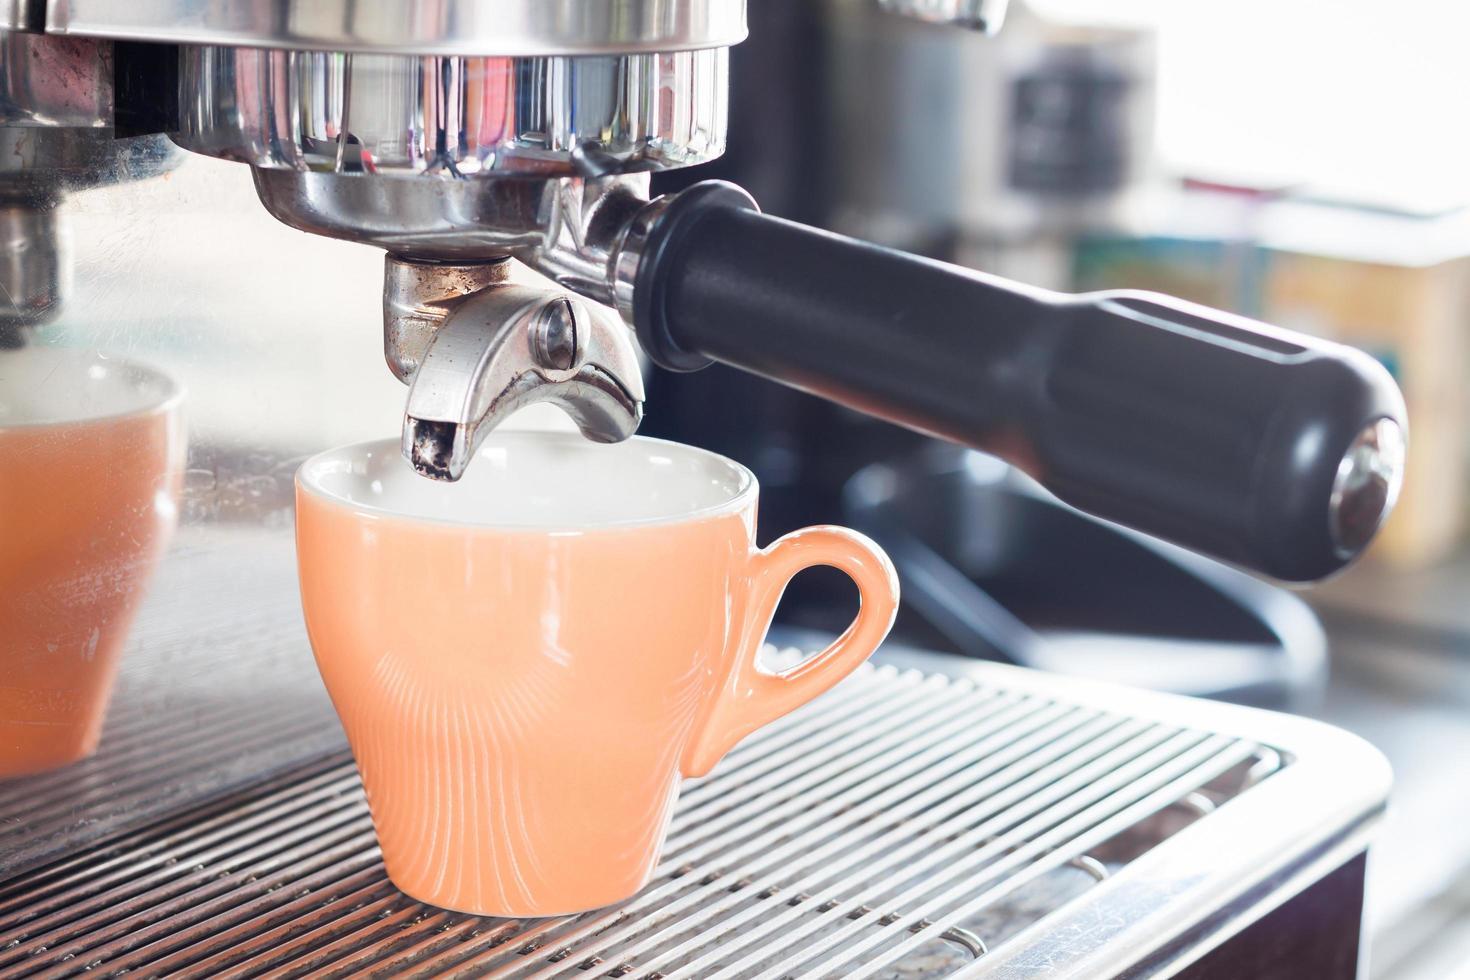 närbild av en espressomaskin foto